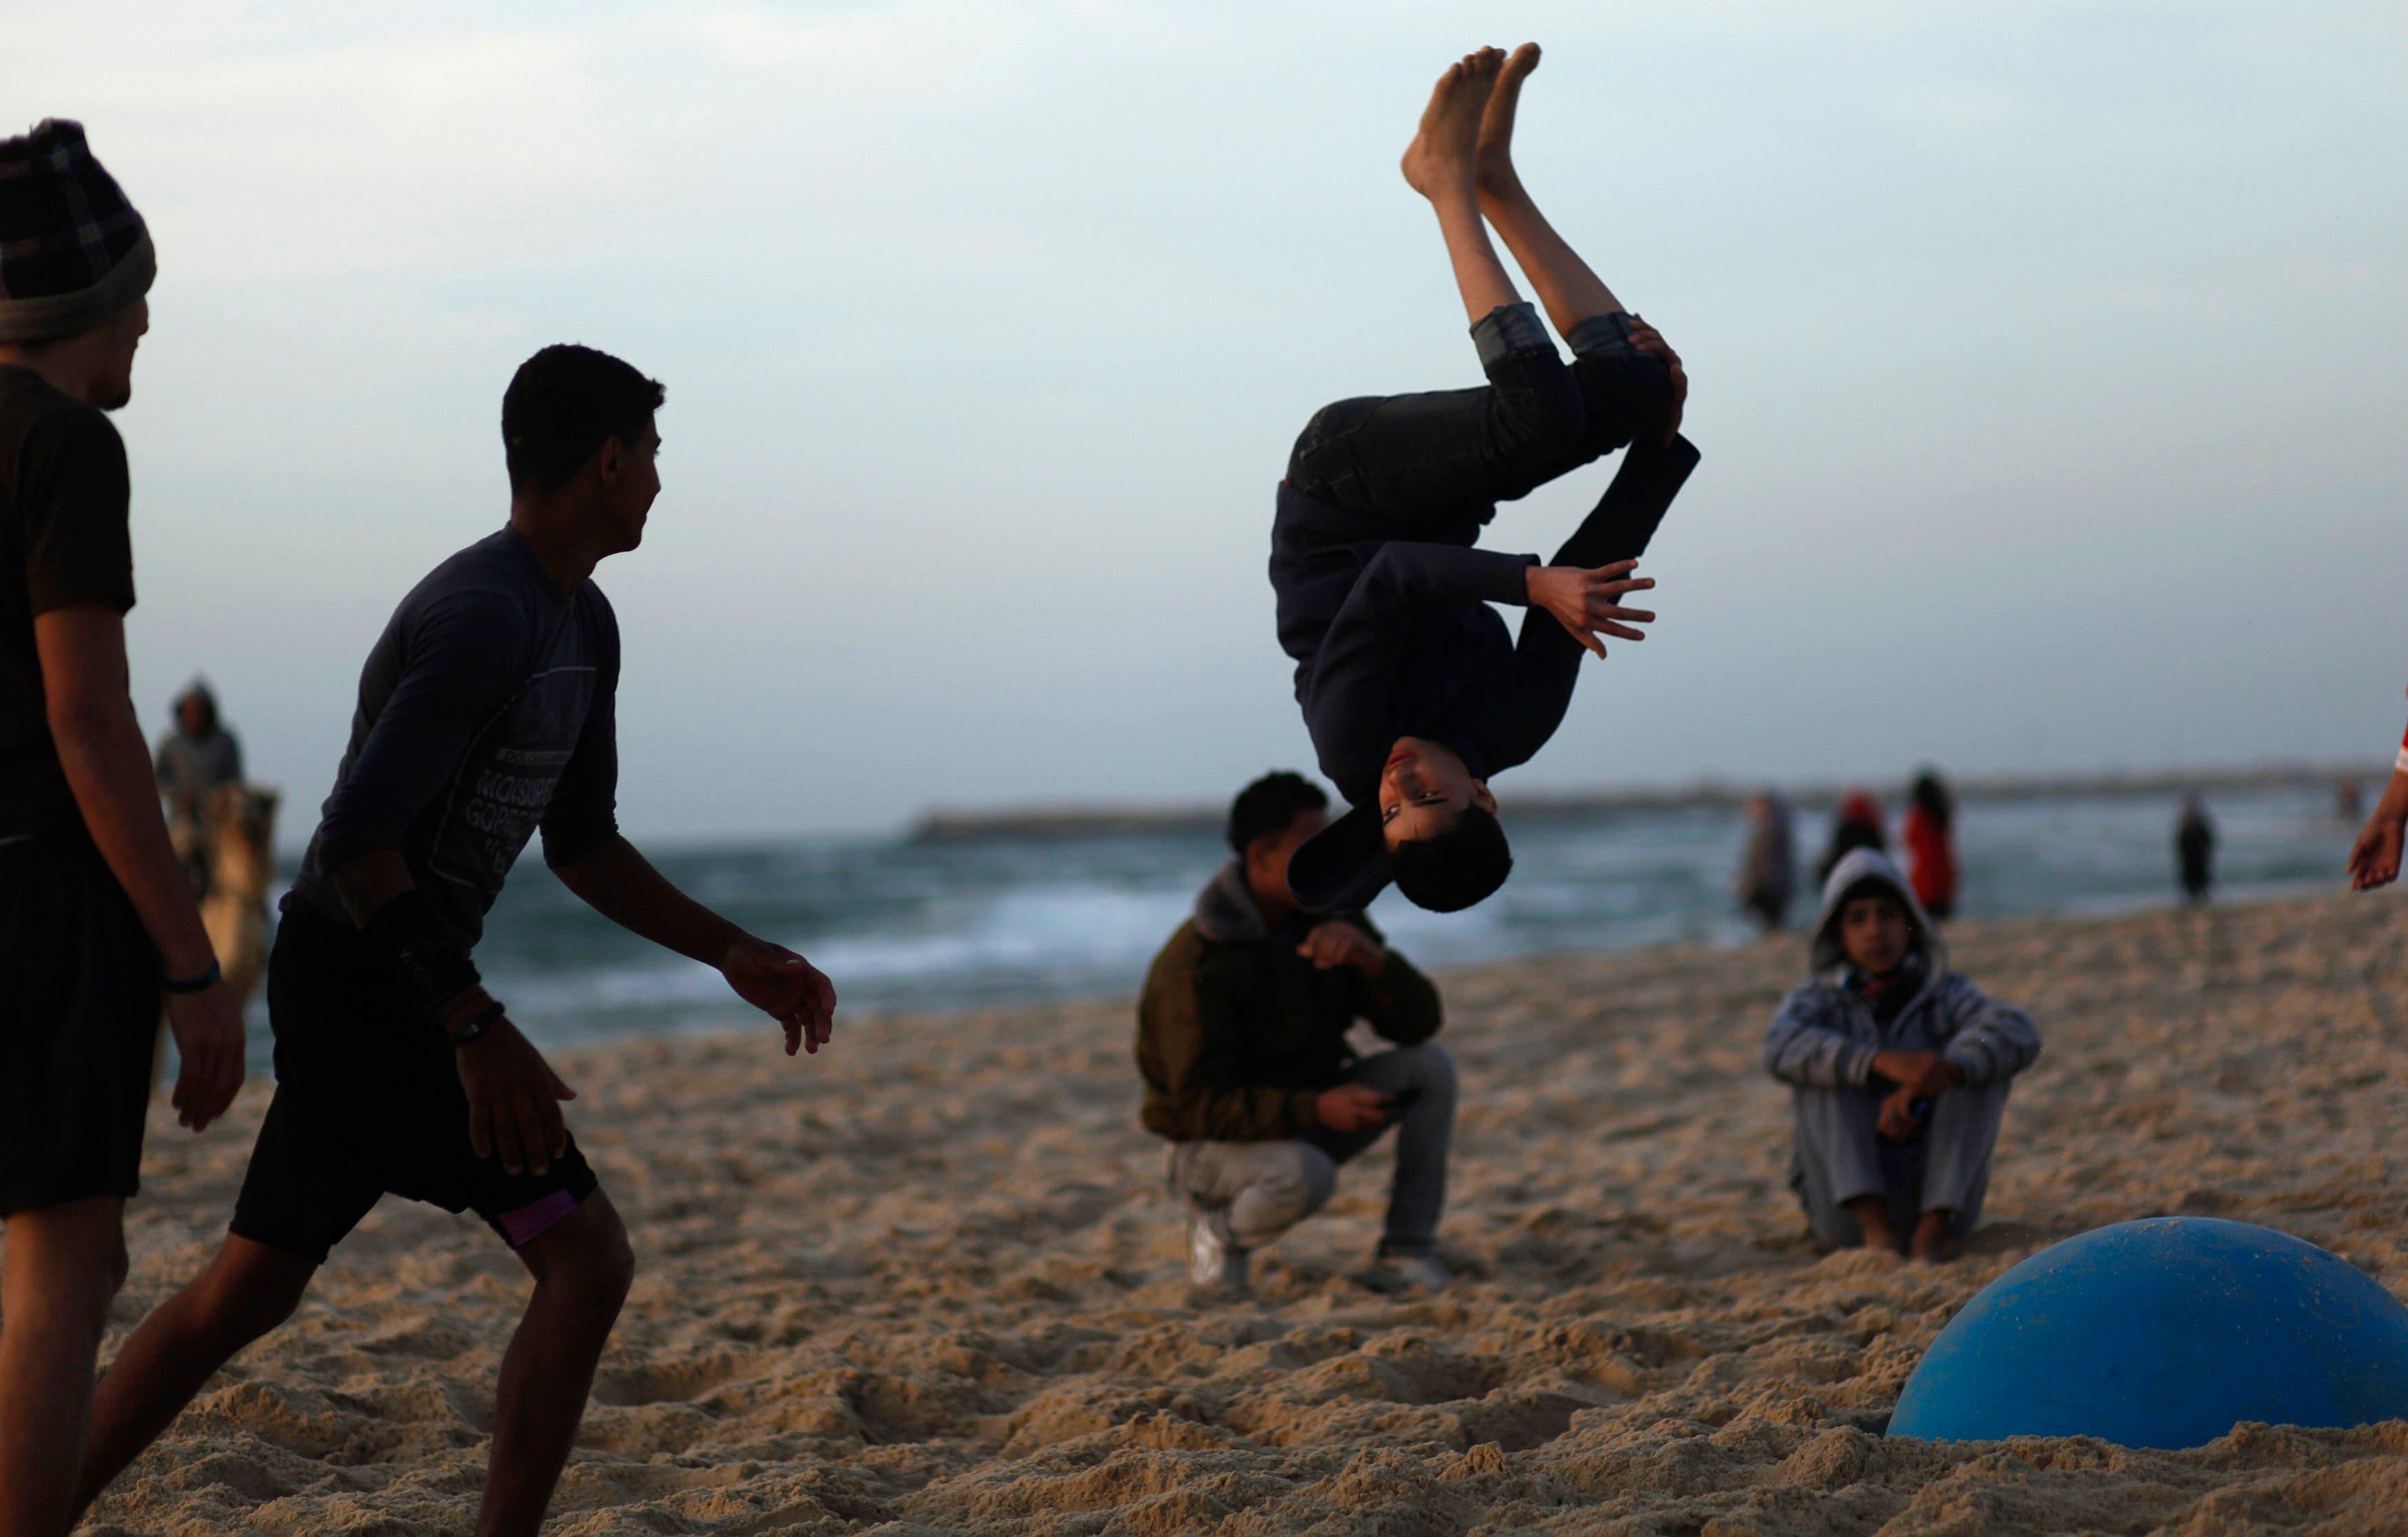 Youth in Gaza enjoy their beach time